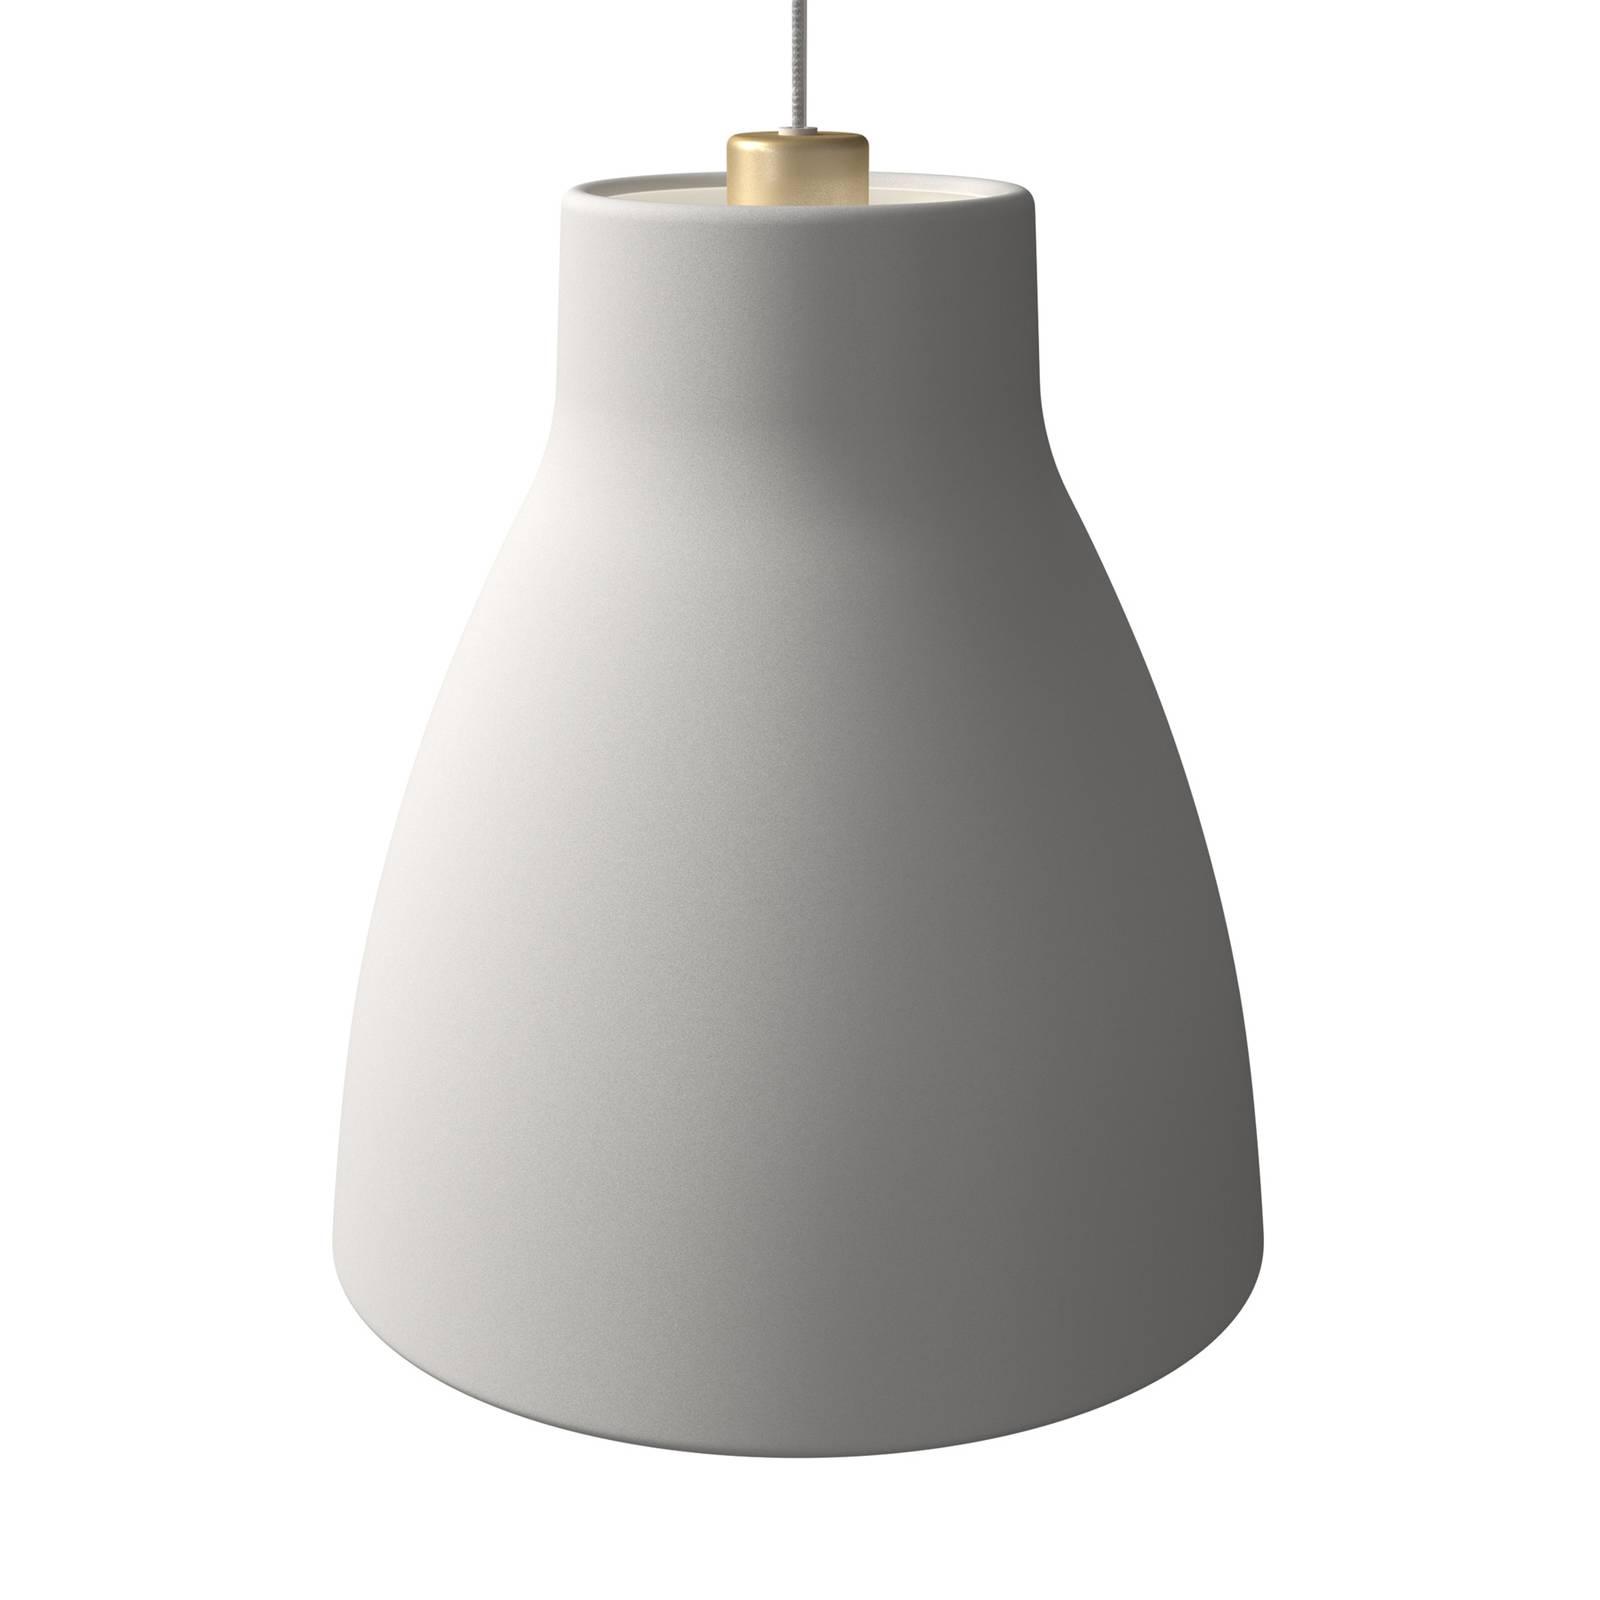 Pendelleuchte Gong, Ø 32 cm, weiß